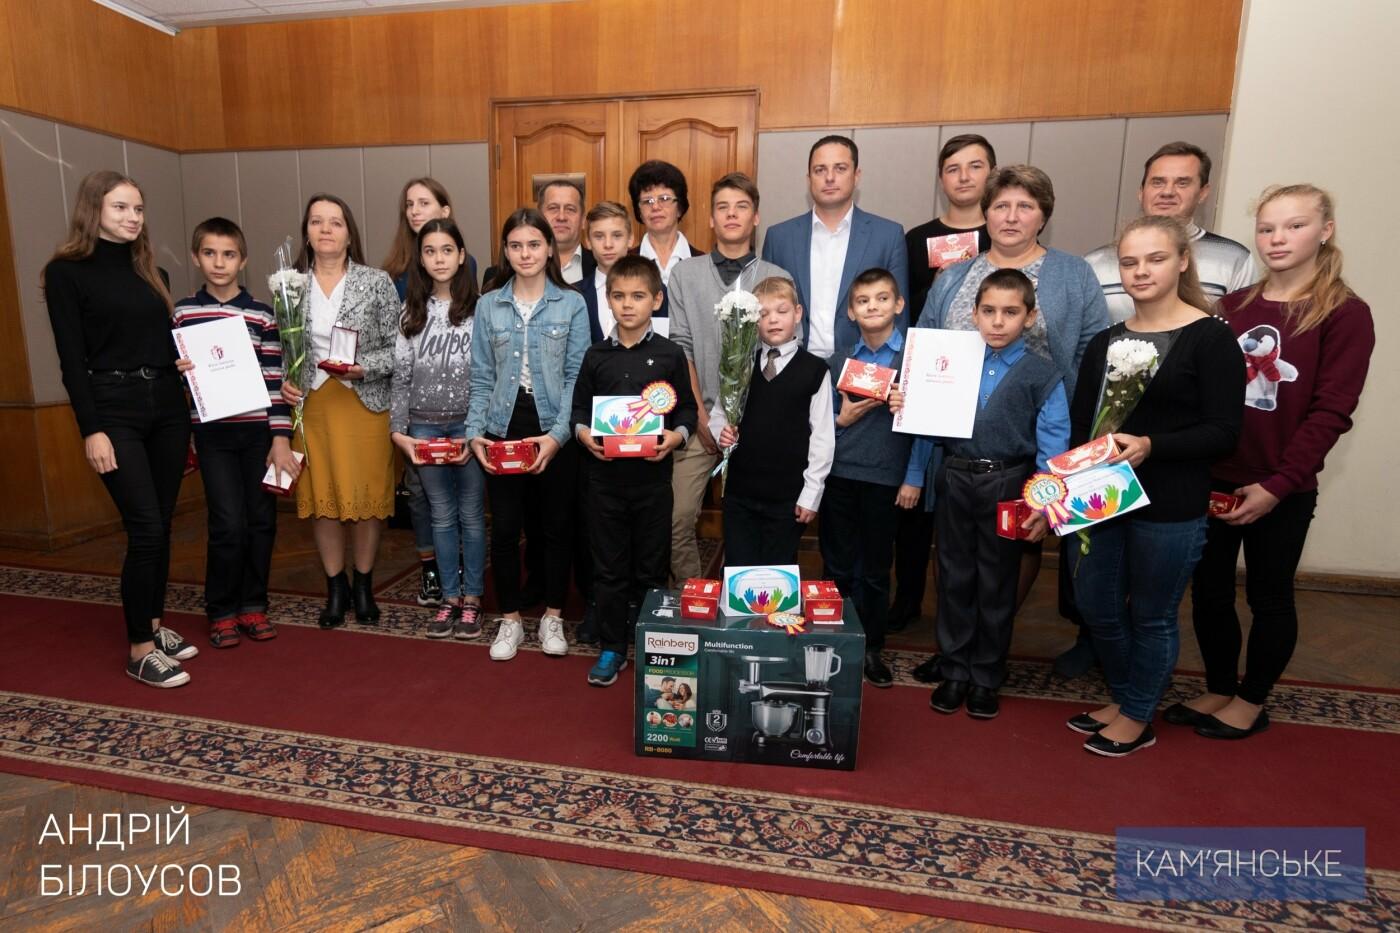 В Каменском поздравили родителей-воспитателей ДДСТ и детей с Днем усыновления, фото-5